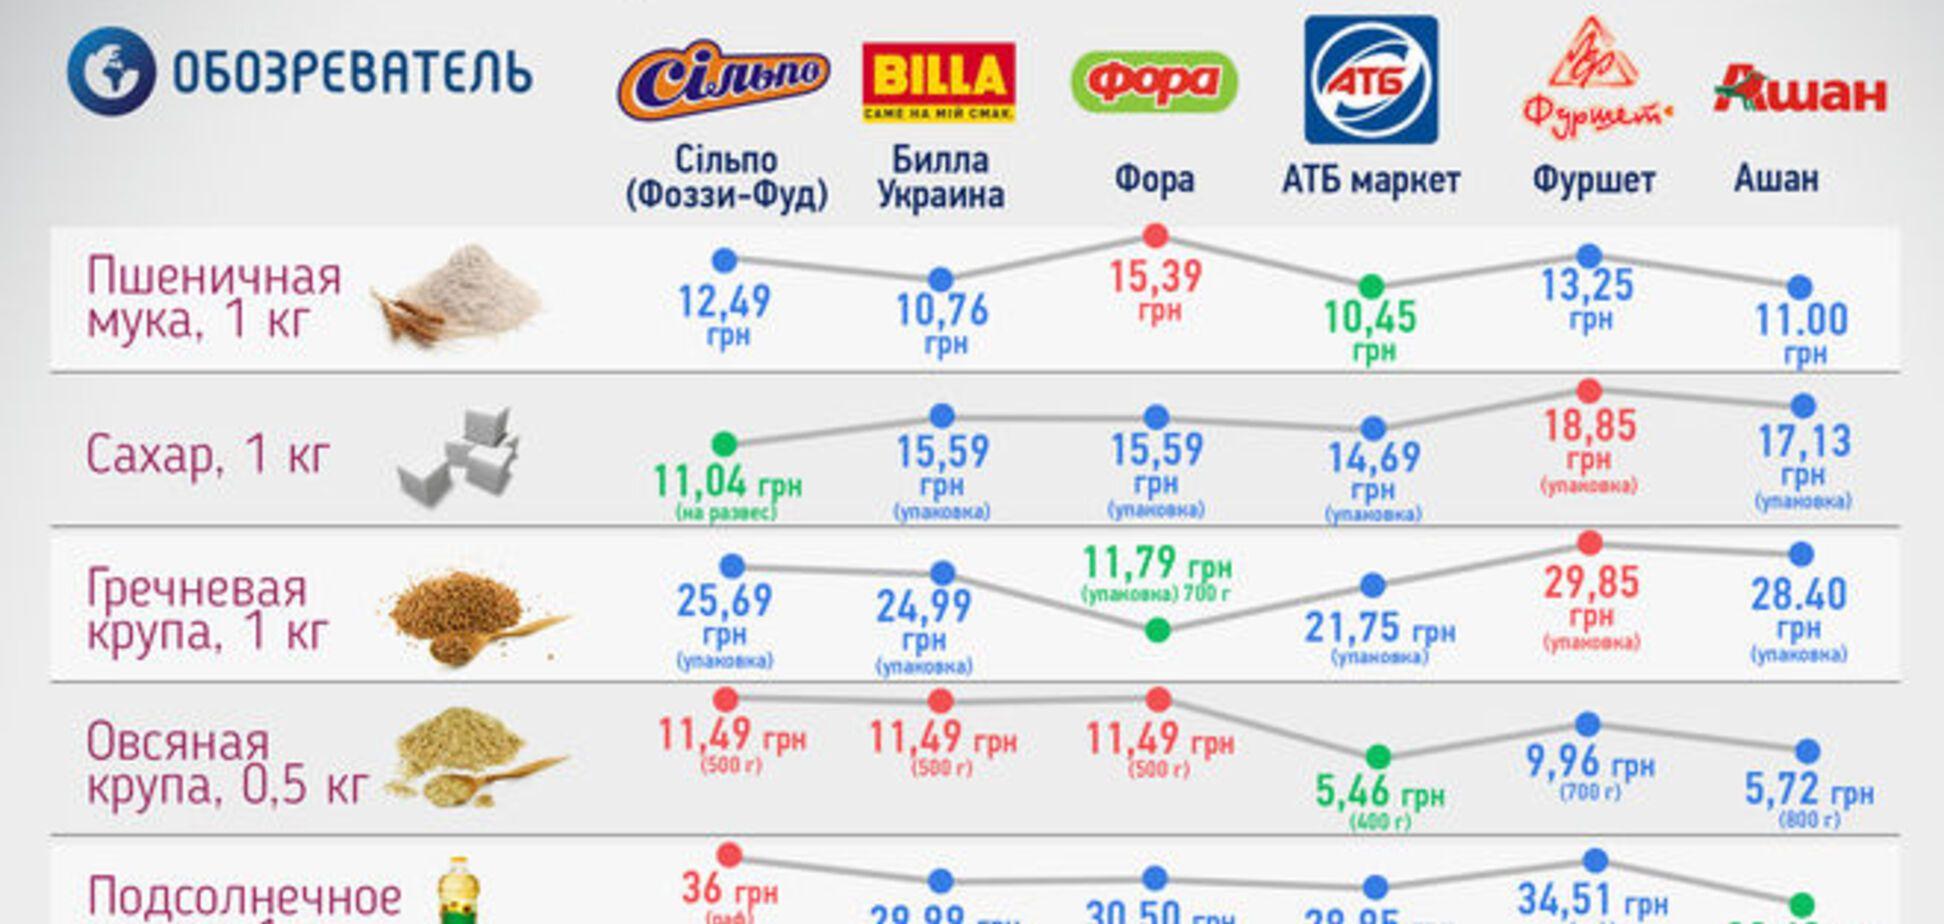 Как отличаются цены на продукты питания в столичных супермаркетах: инфографика